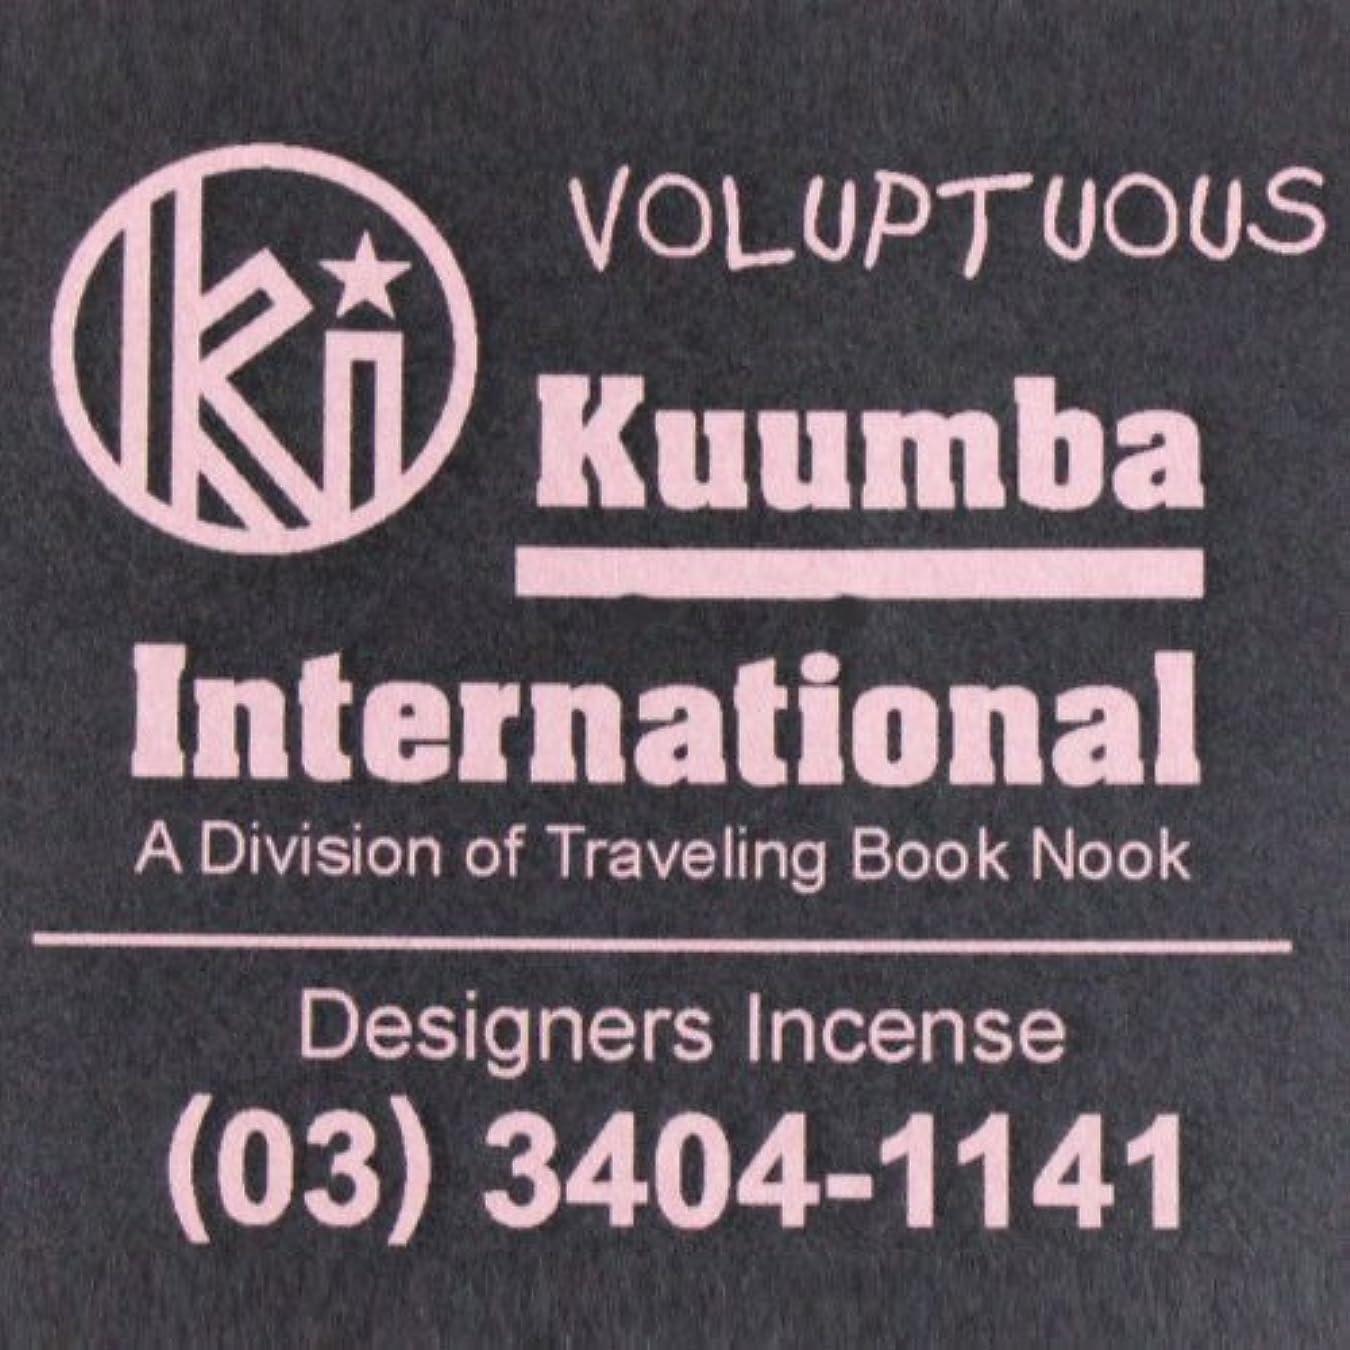 安全な購入見てKUUMBA (クンバ)『incense』(VOLUPTUOUS) (Regular size)